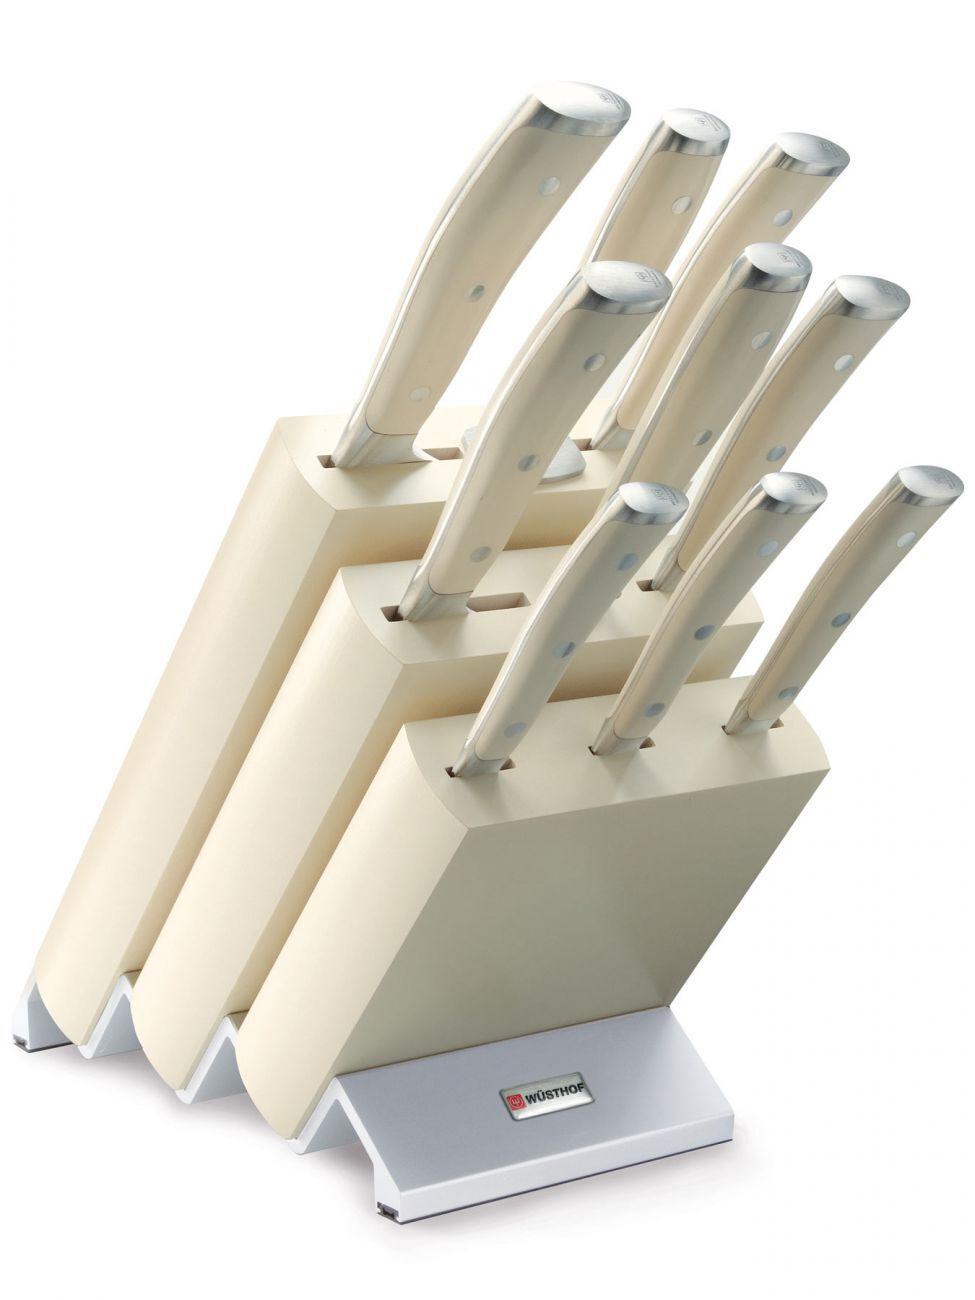 Wüsthof Classic Ikon Blanc 9874 Couteaux Bloc Set Blanc Crème Membré avec 9 pièces